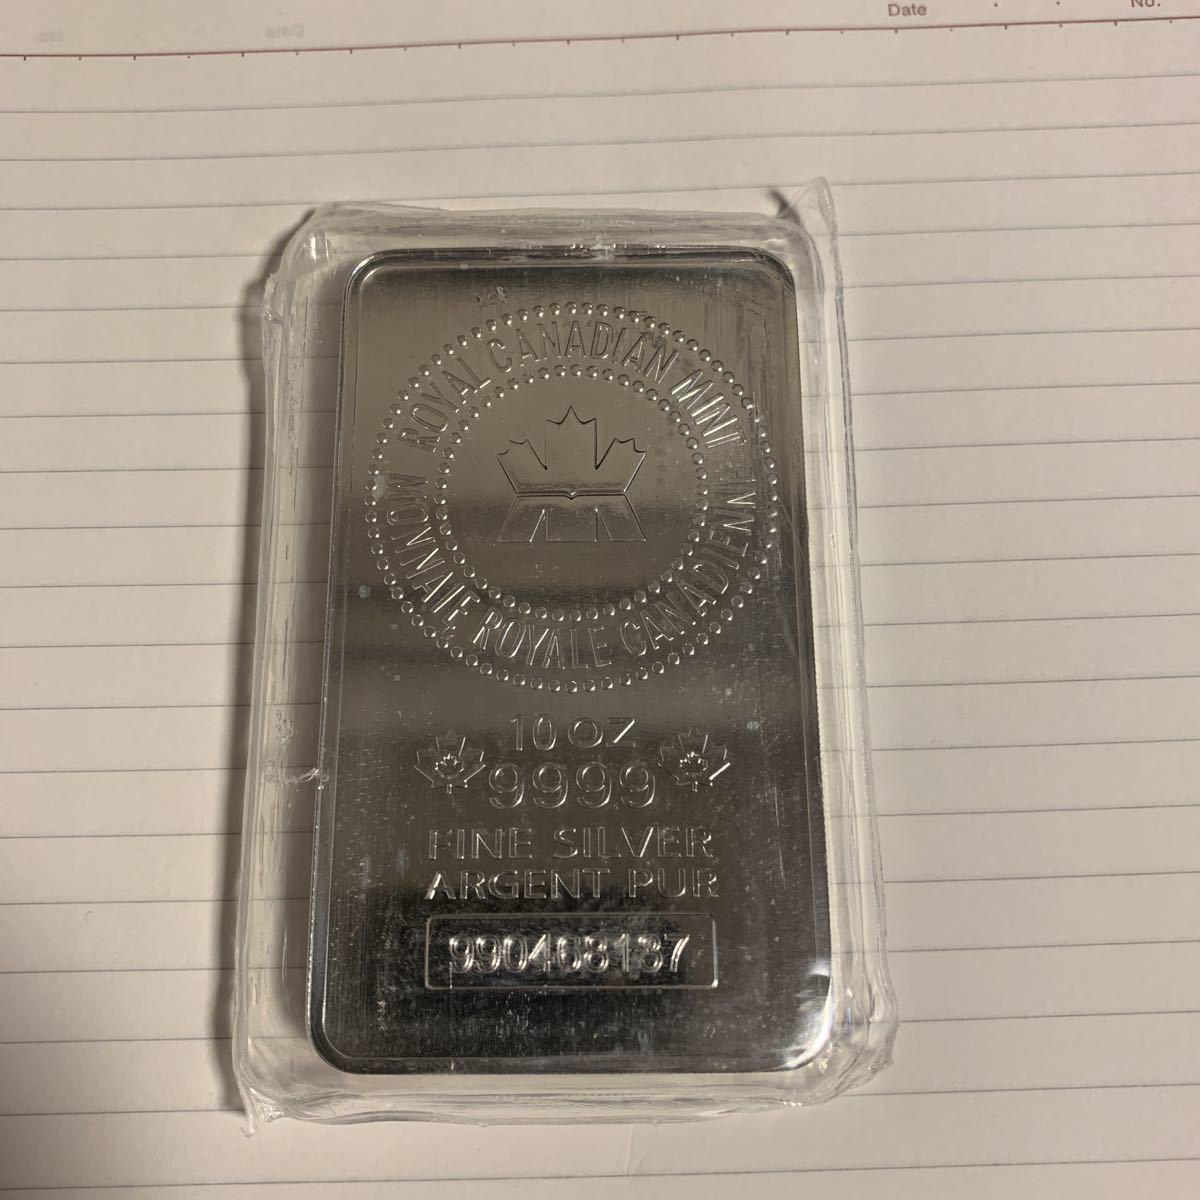 10オンス 新品 Royal Canadian Mint シルバーバー 純銀 999 銀貨 本物 送料無料